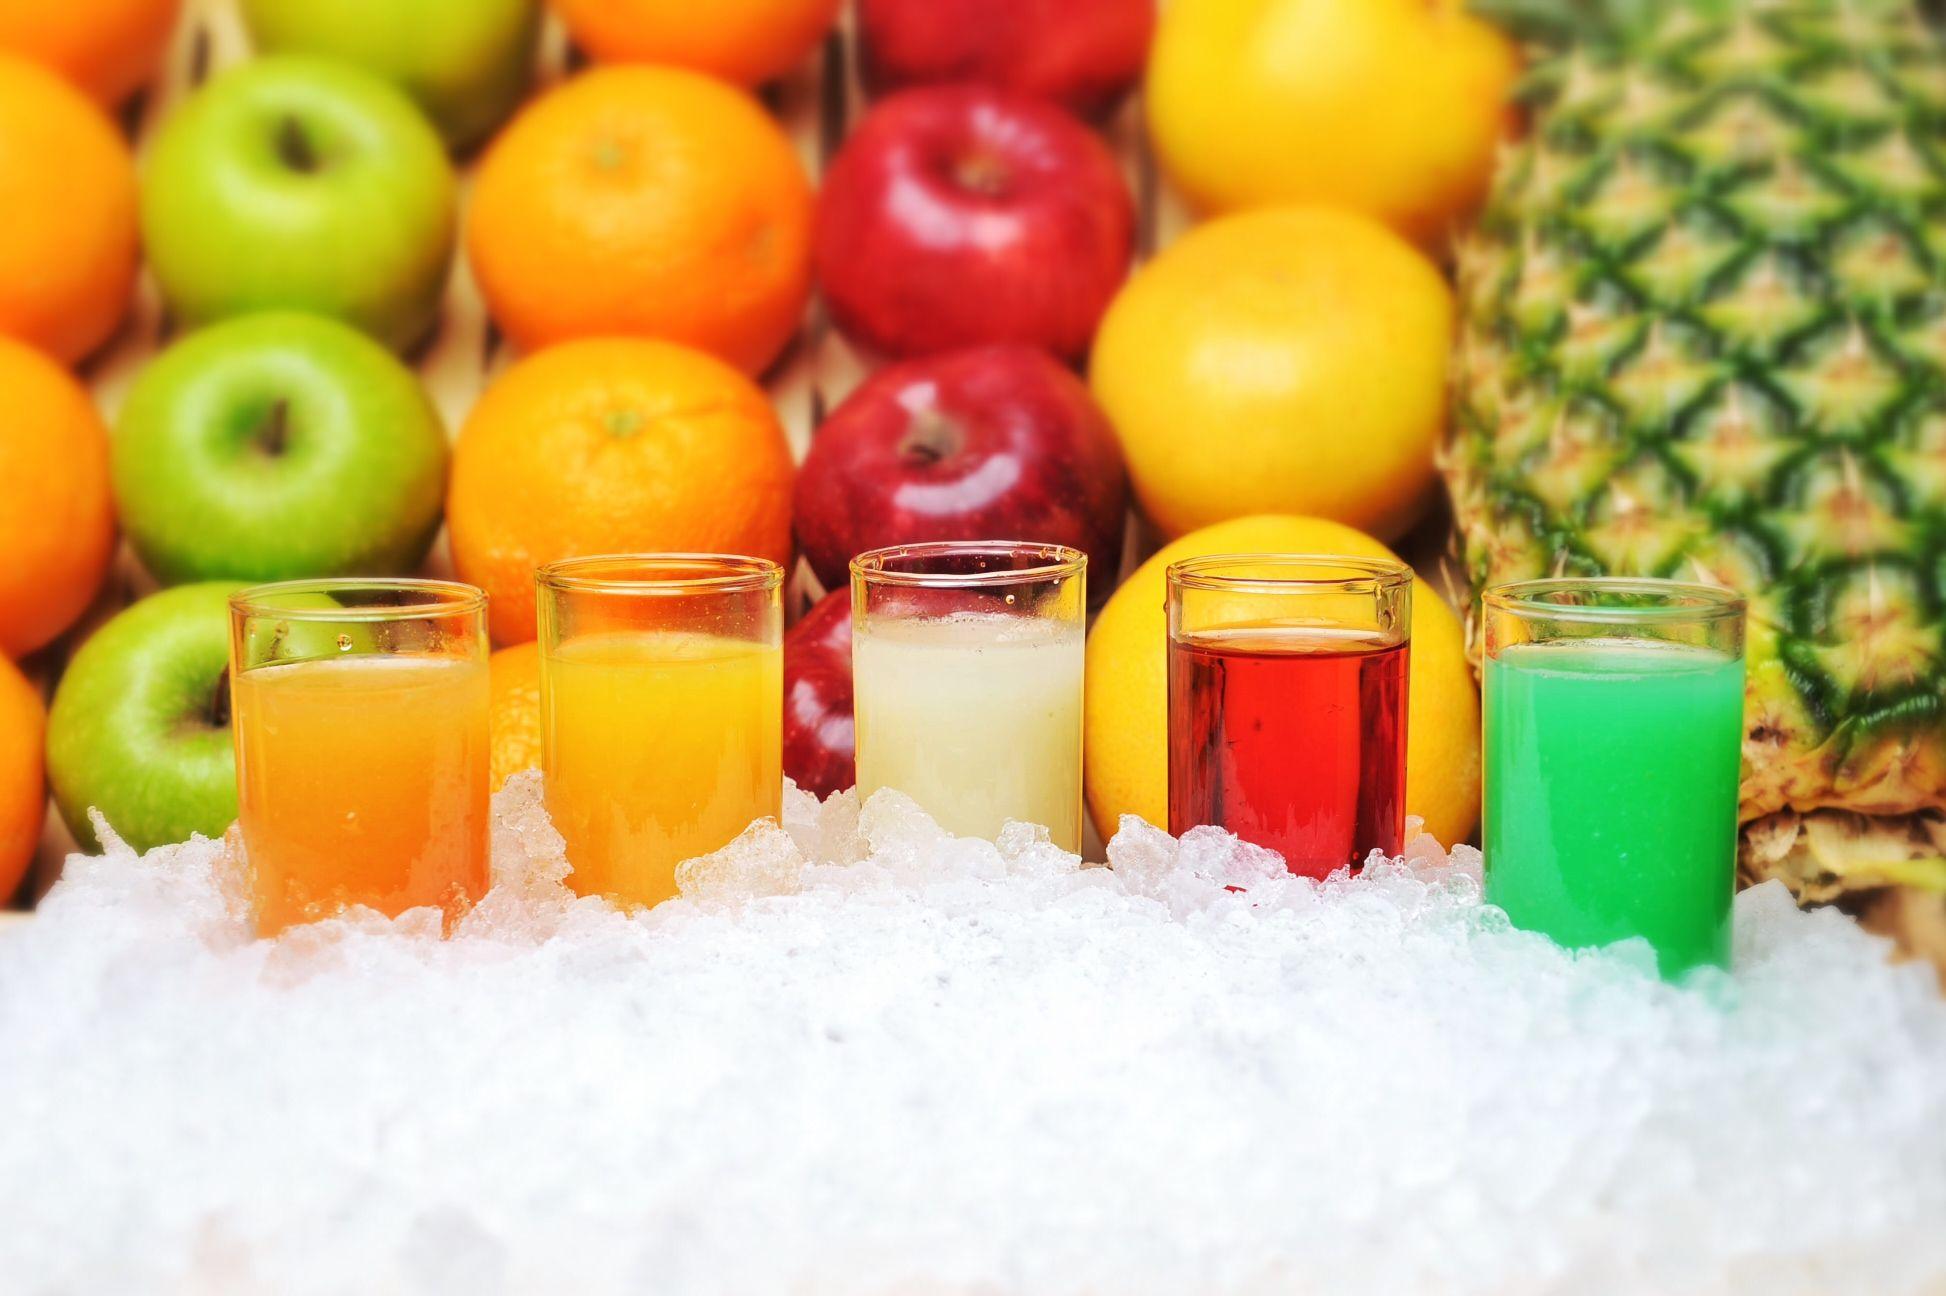 #PasosParaUnaVidaSaludable - Exprímelo: Invierte un poco de tiempo y opta por jugos 100% naturales preparados en casa.